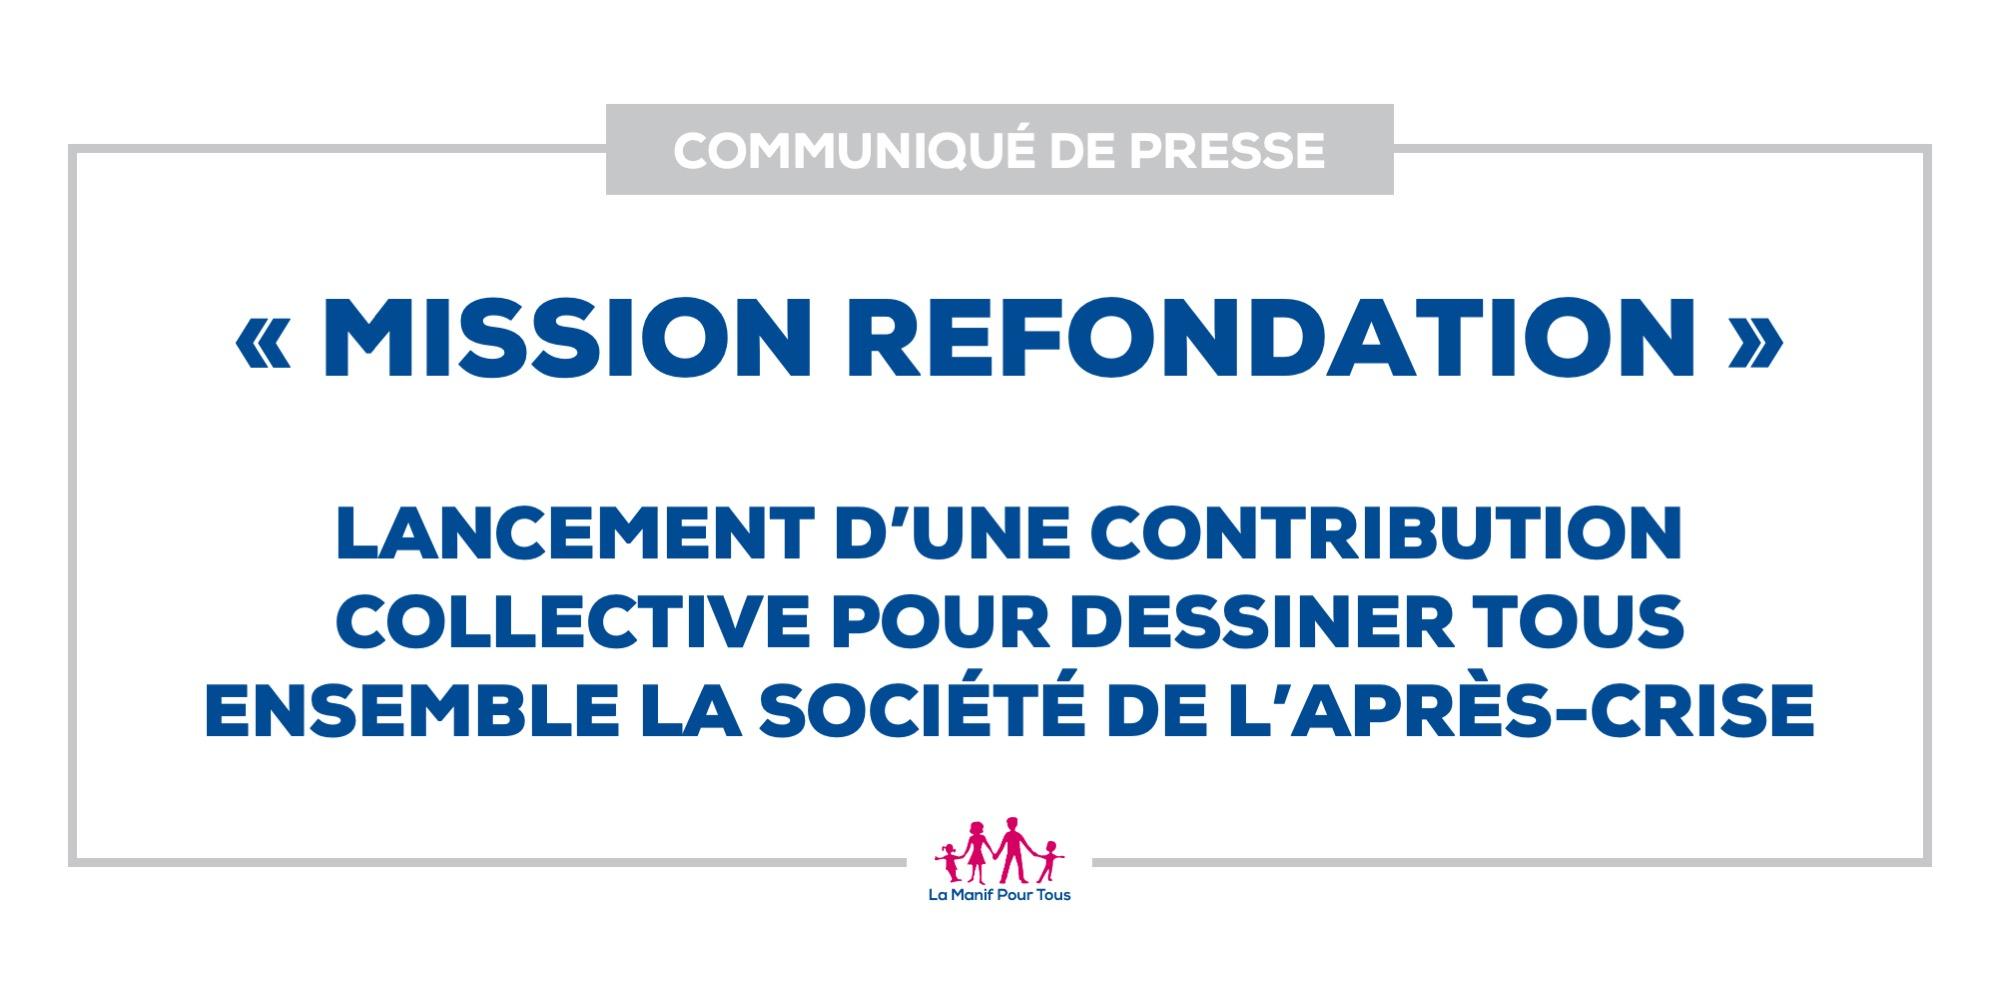 Image - « Mission refondation » : lancement d'une contribution collective pour dessiner tous ensemble la société de l'après-crise